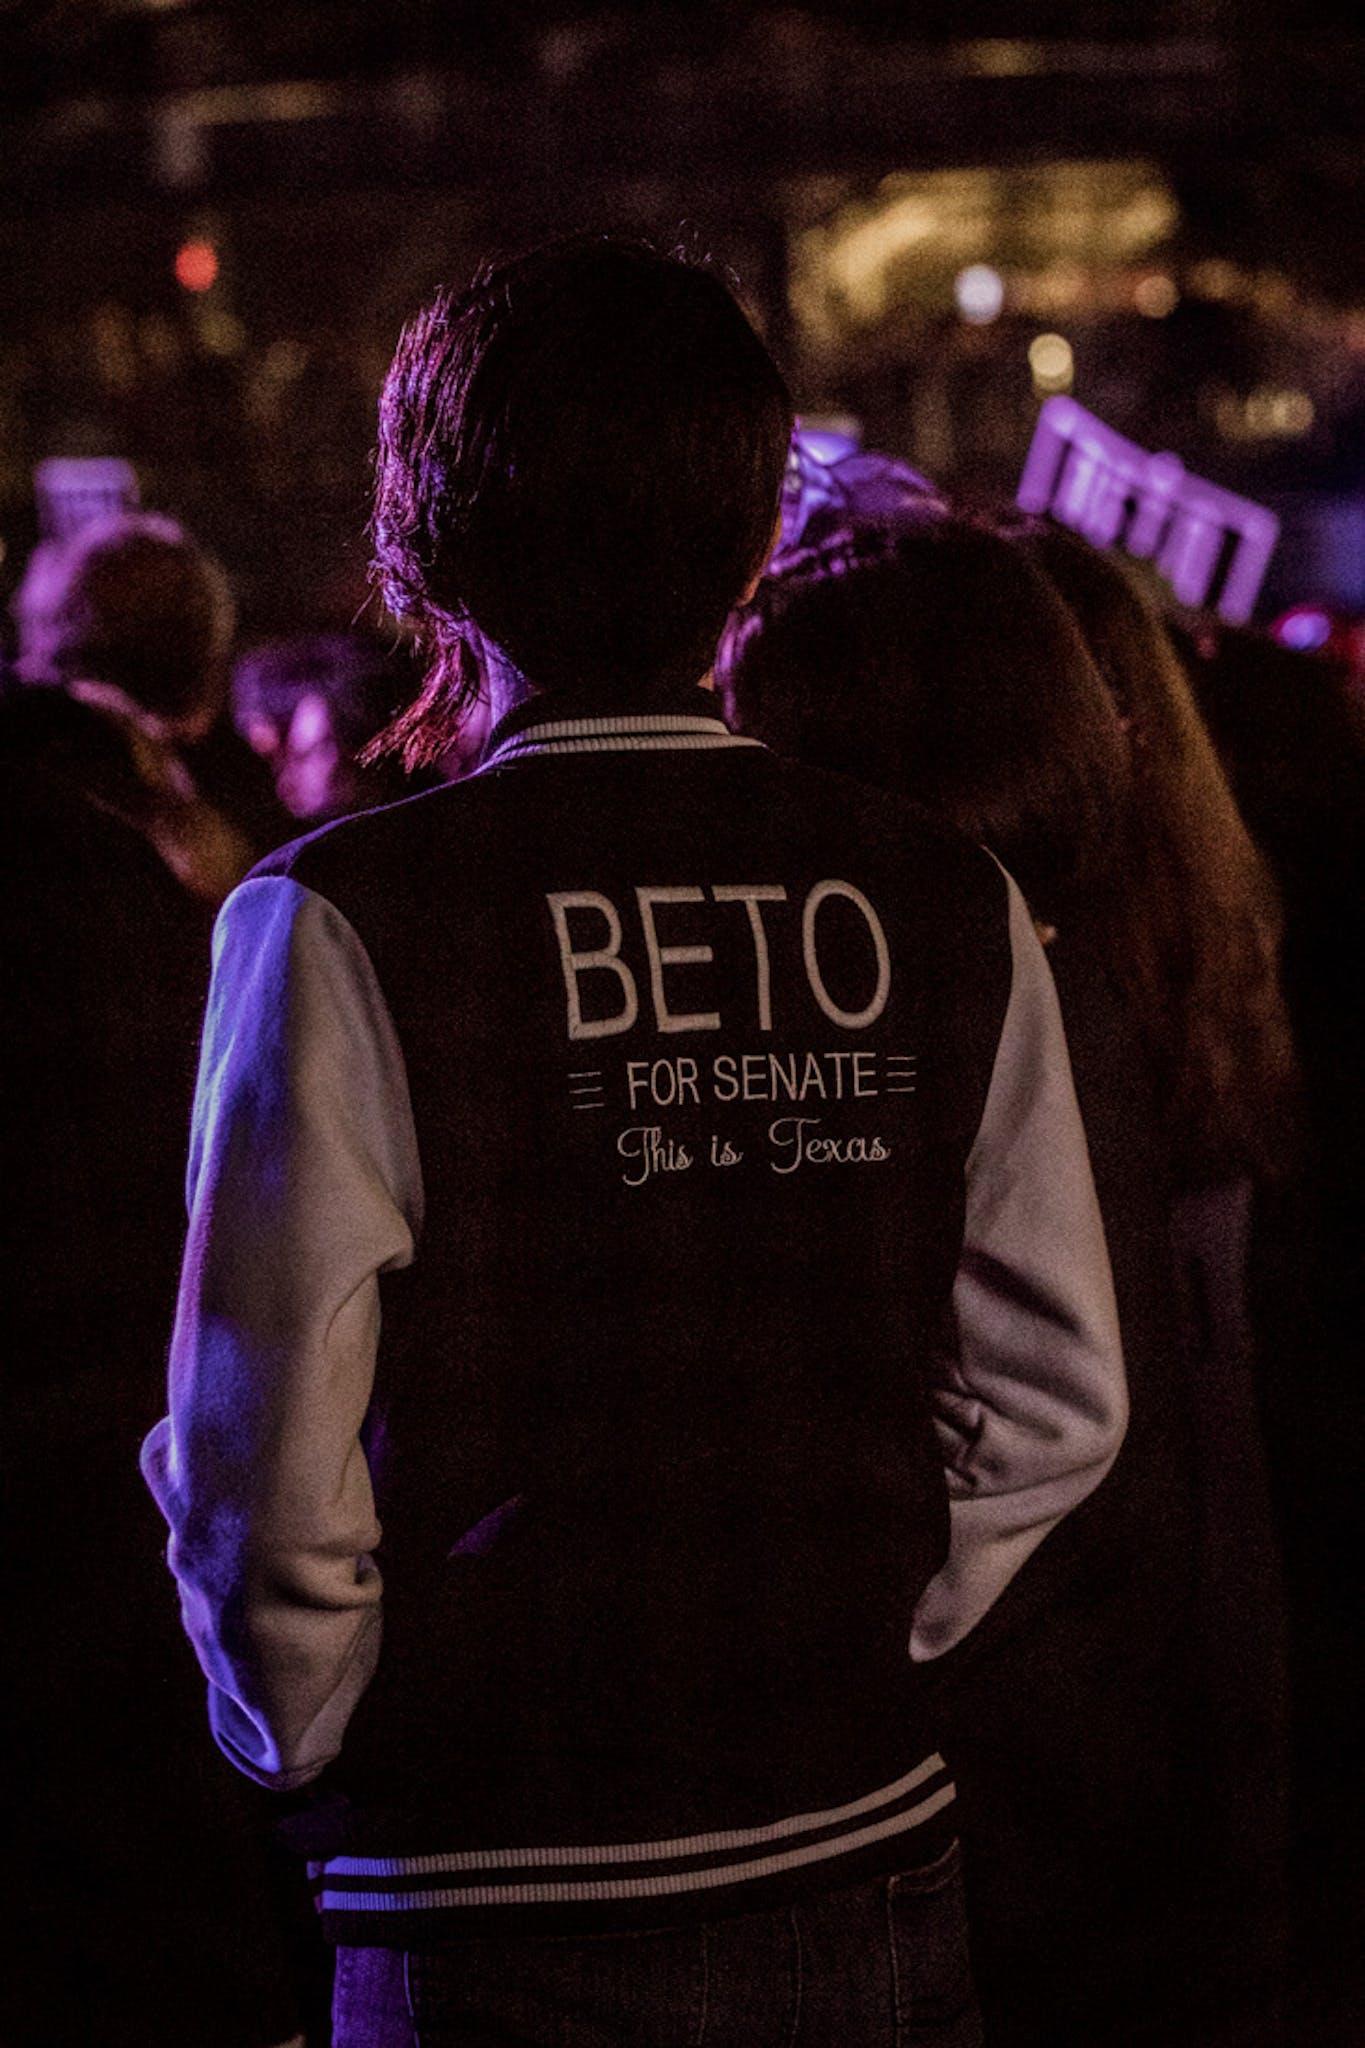 Beto jacket